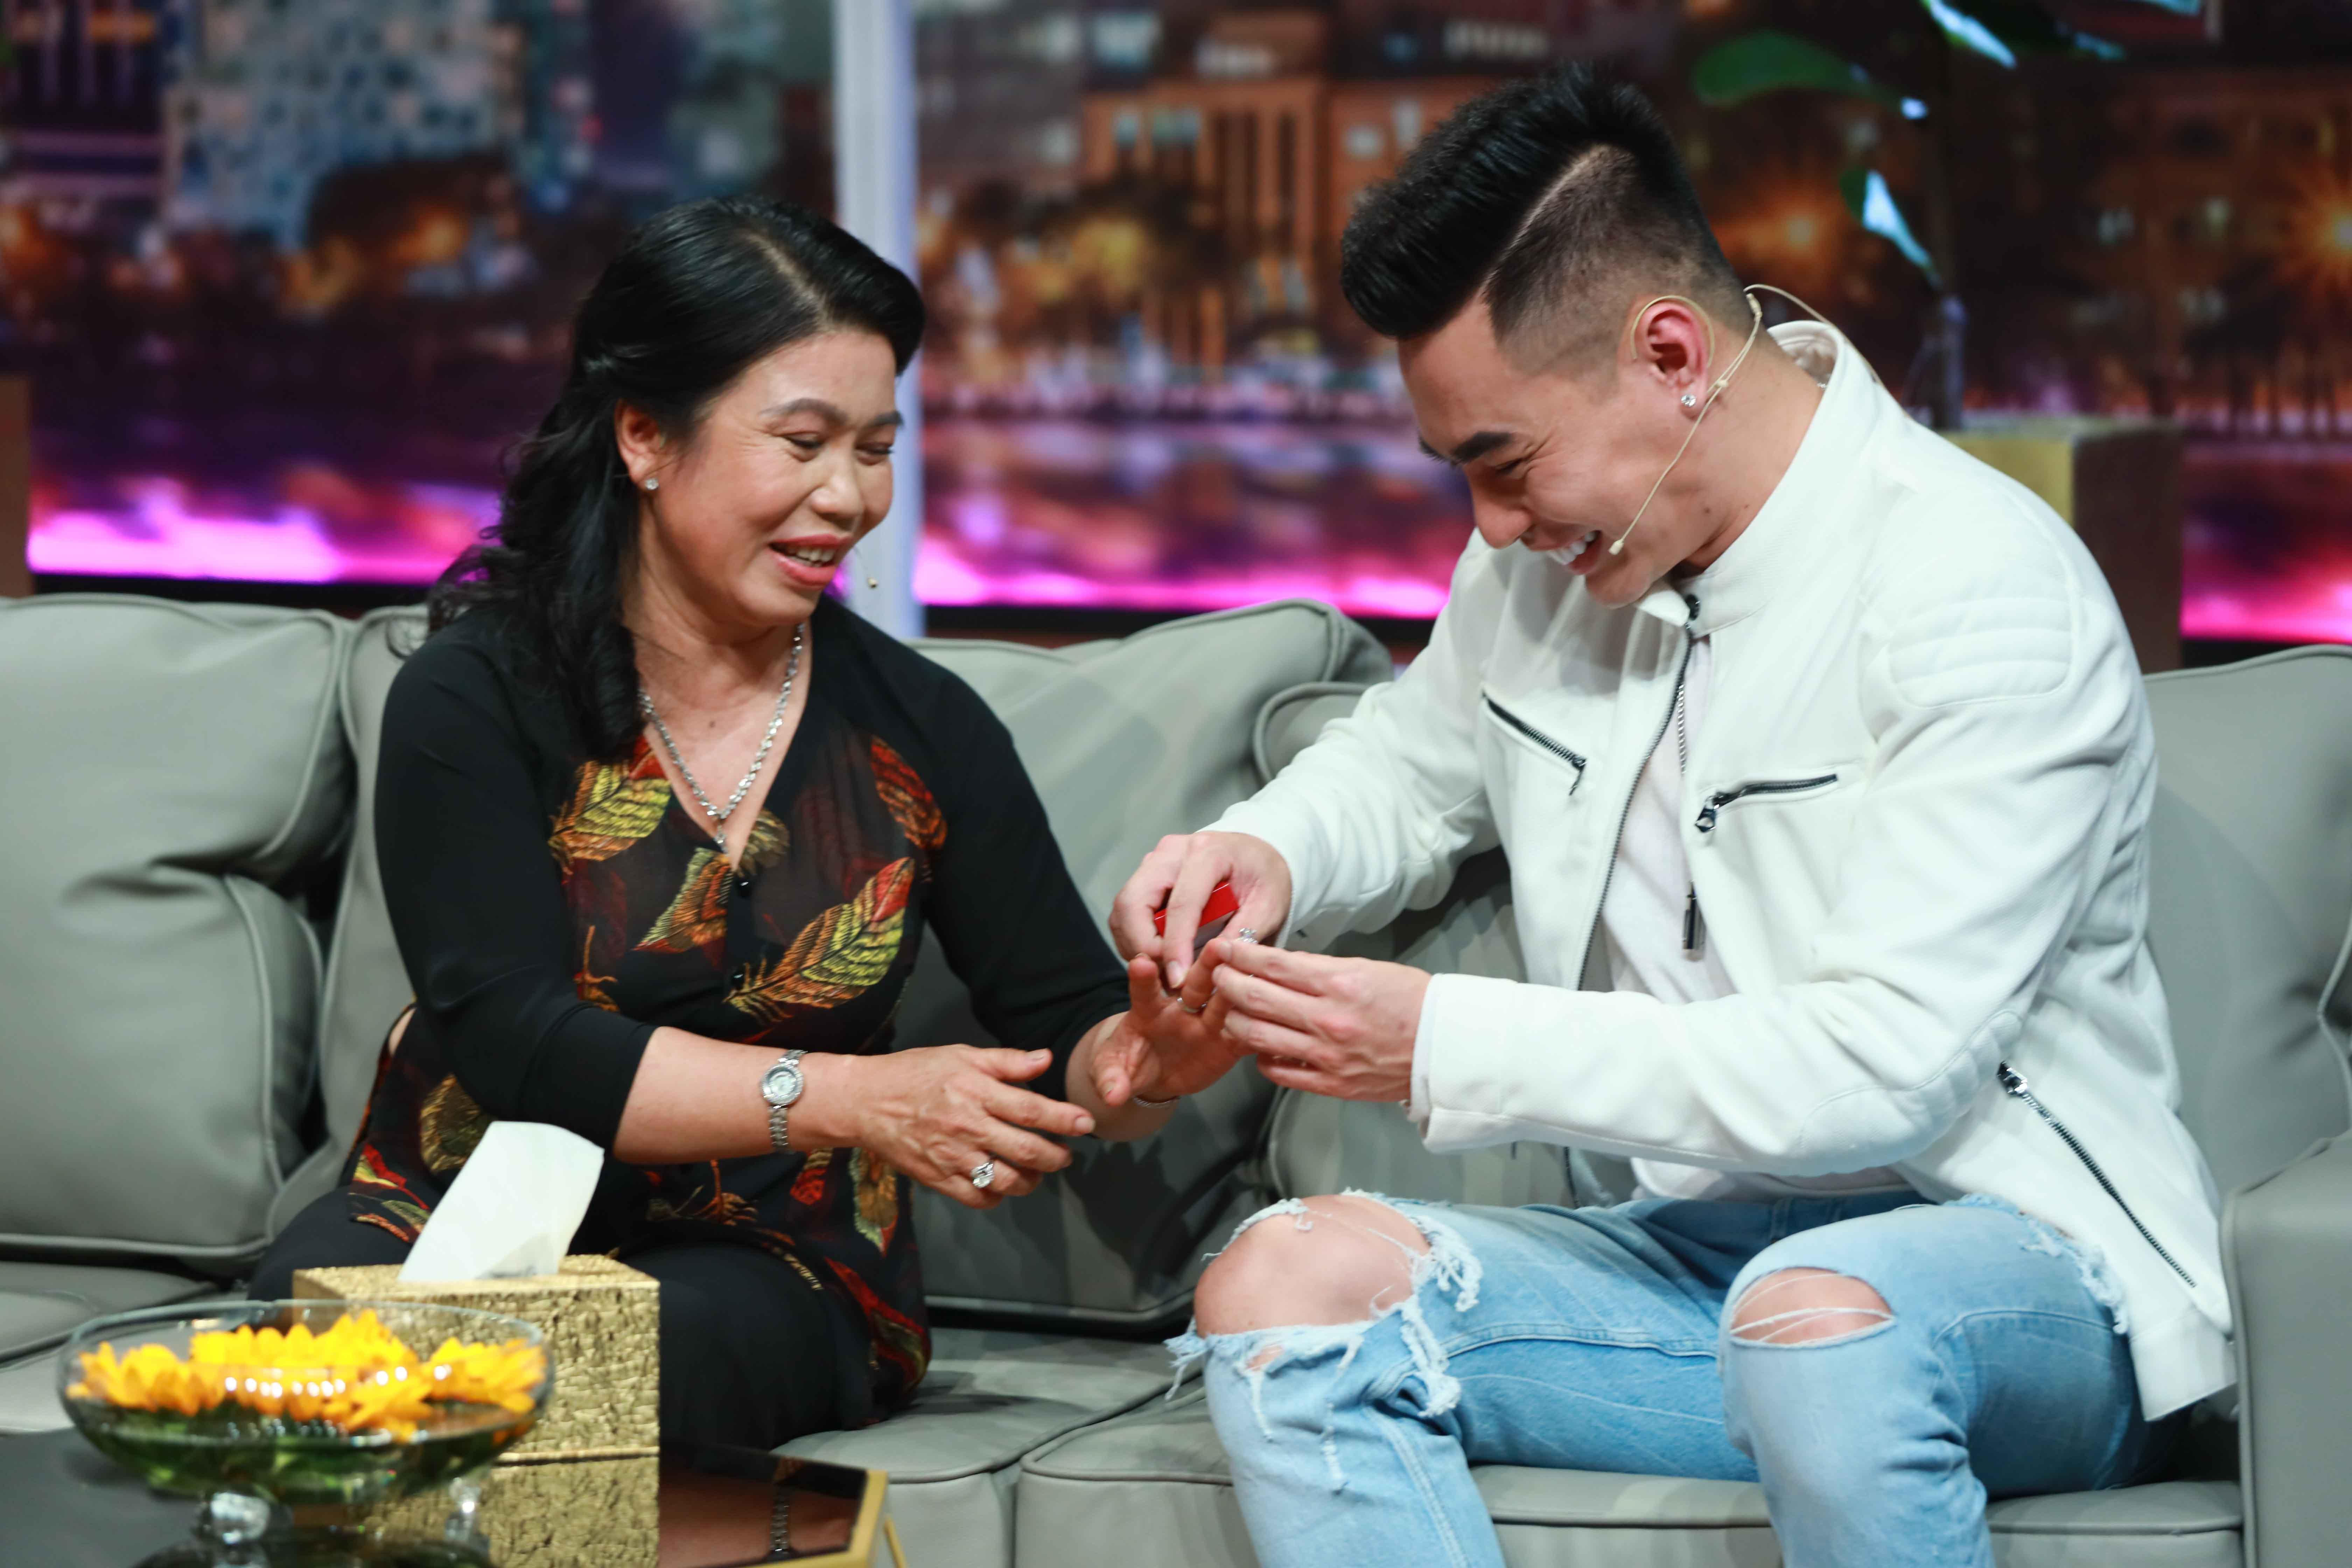 """mtvn 10 7313 Lê Dương Bảo Lâm """"chơi lớn"""" tặng mẹ nhẫn kim cương trong lần đầu xuất hiện trên sóng truyền hình"""